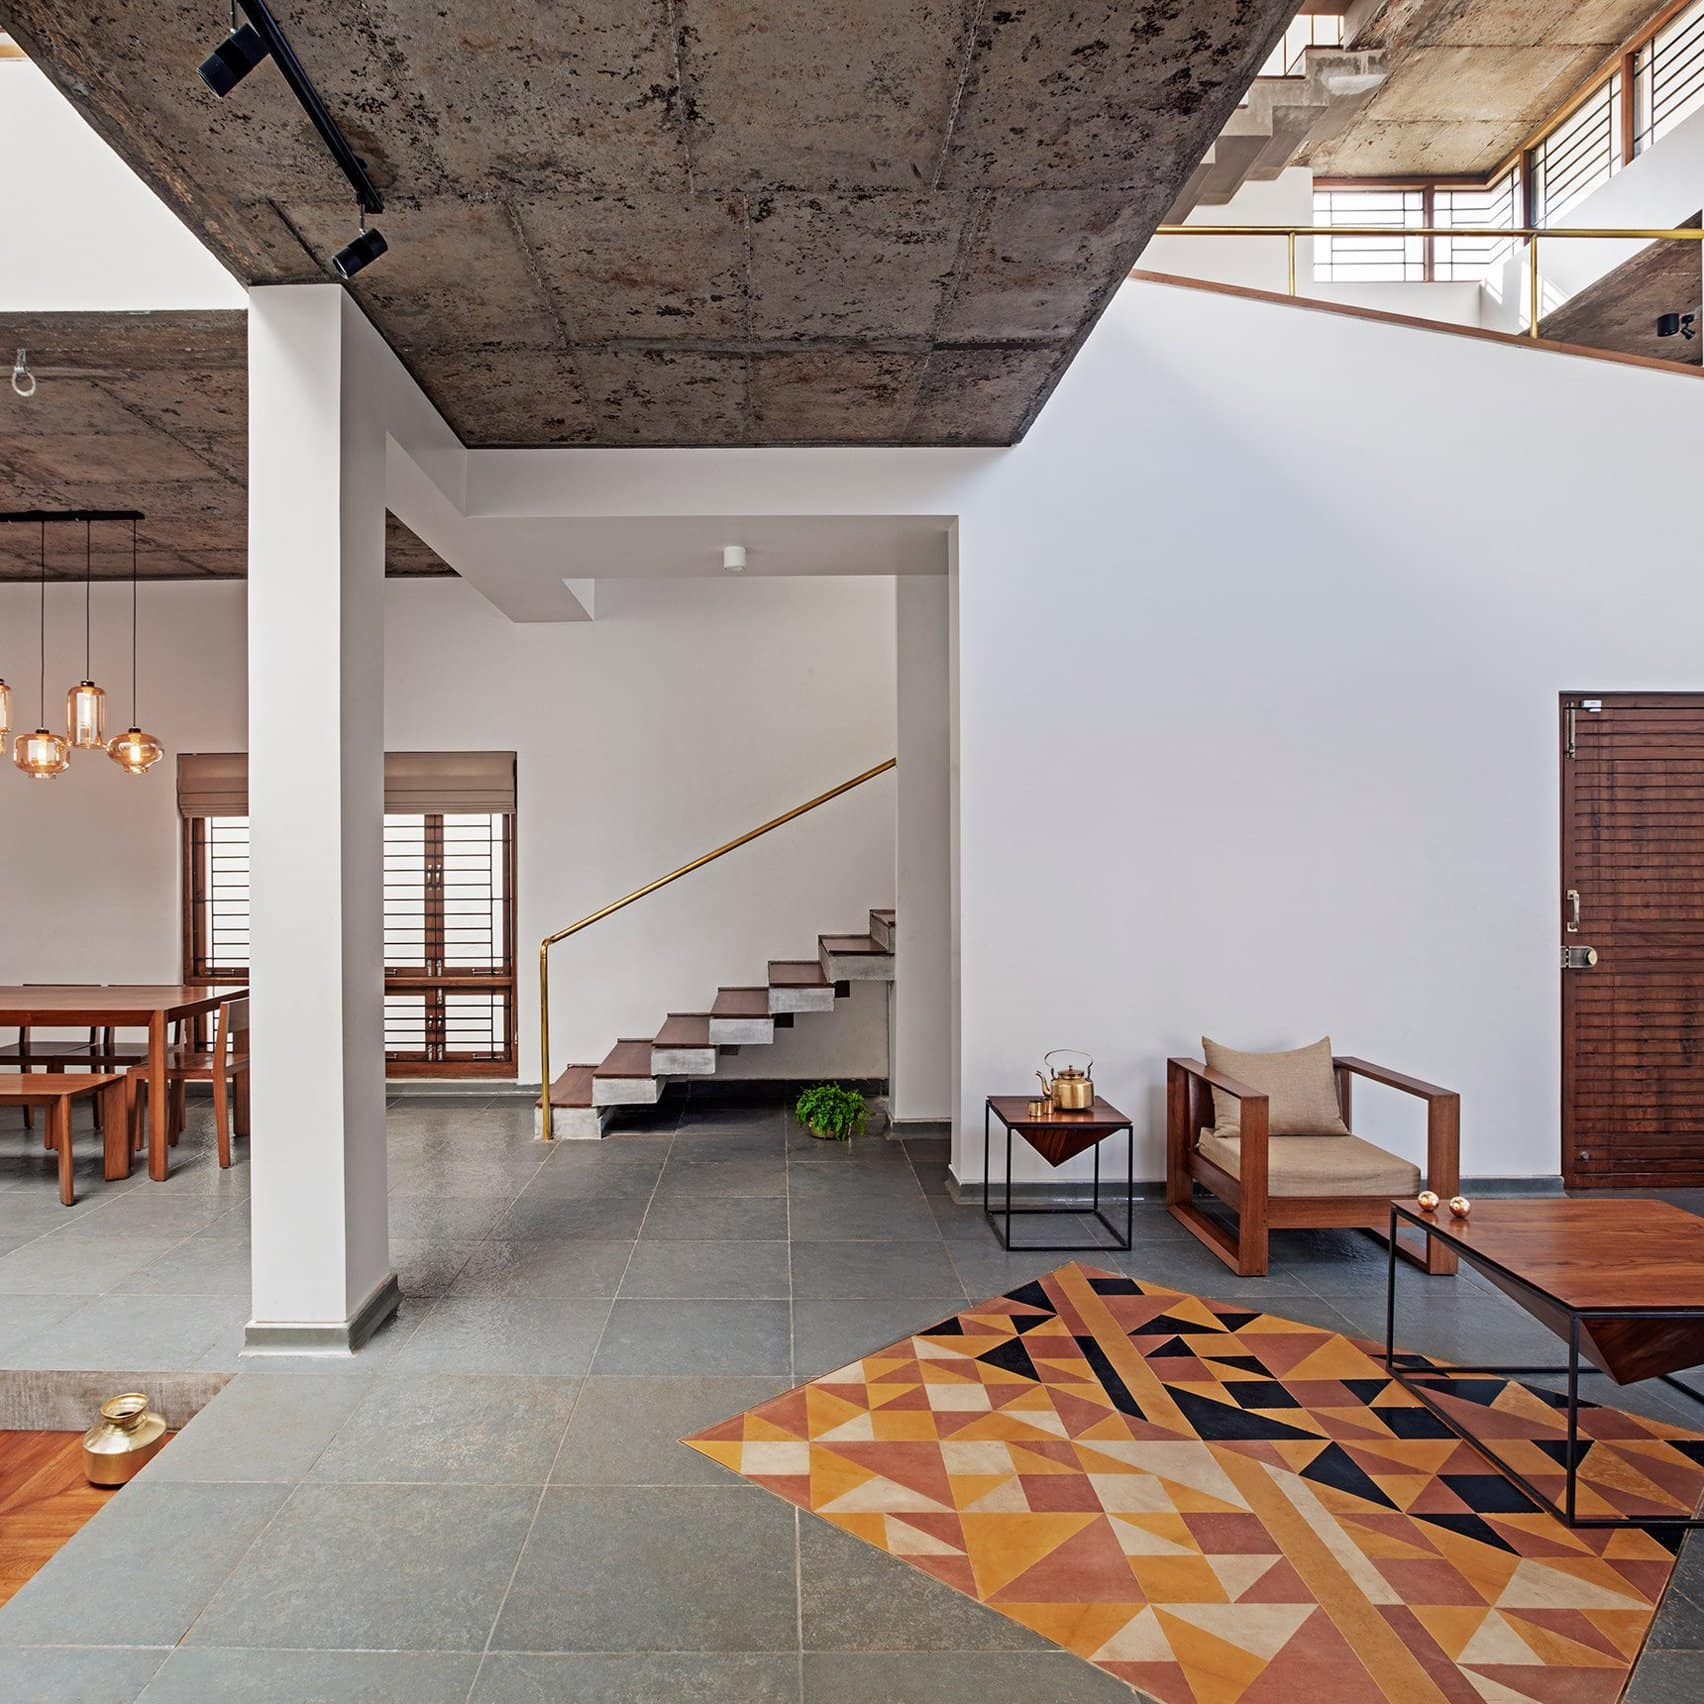 Interior Design By Retro Interiors: Furniture Stores Ireland